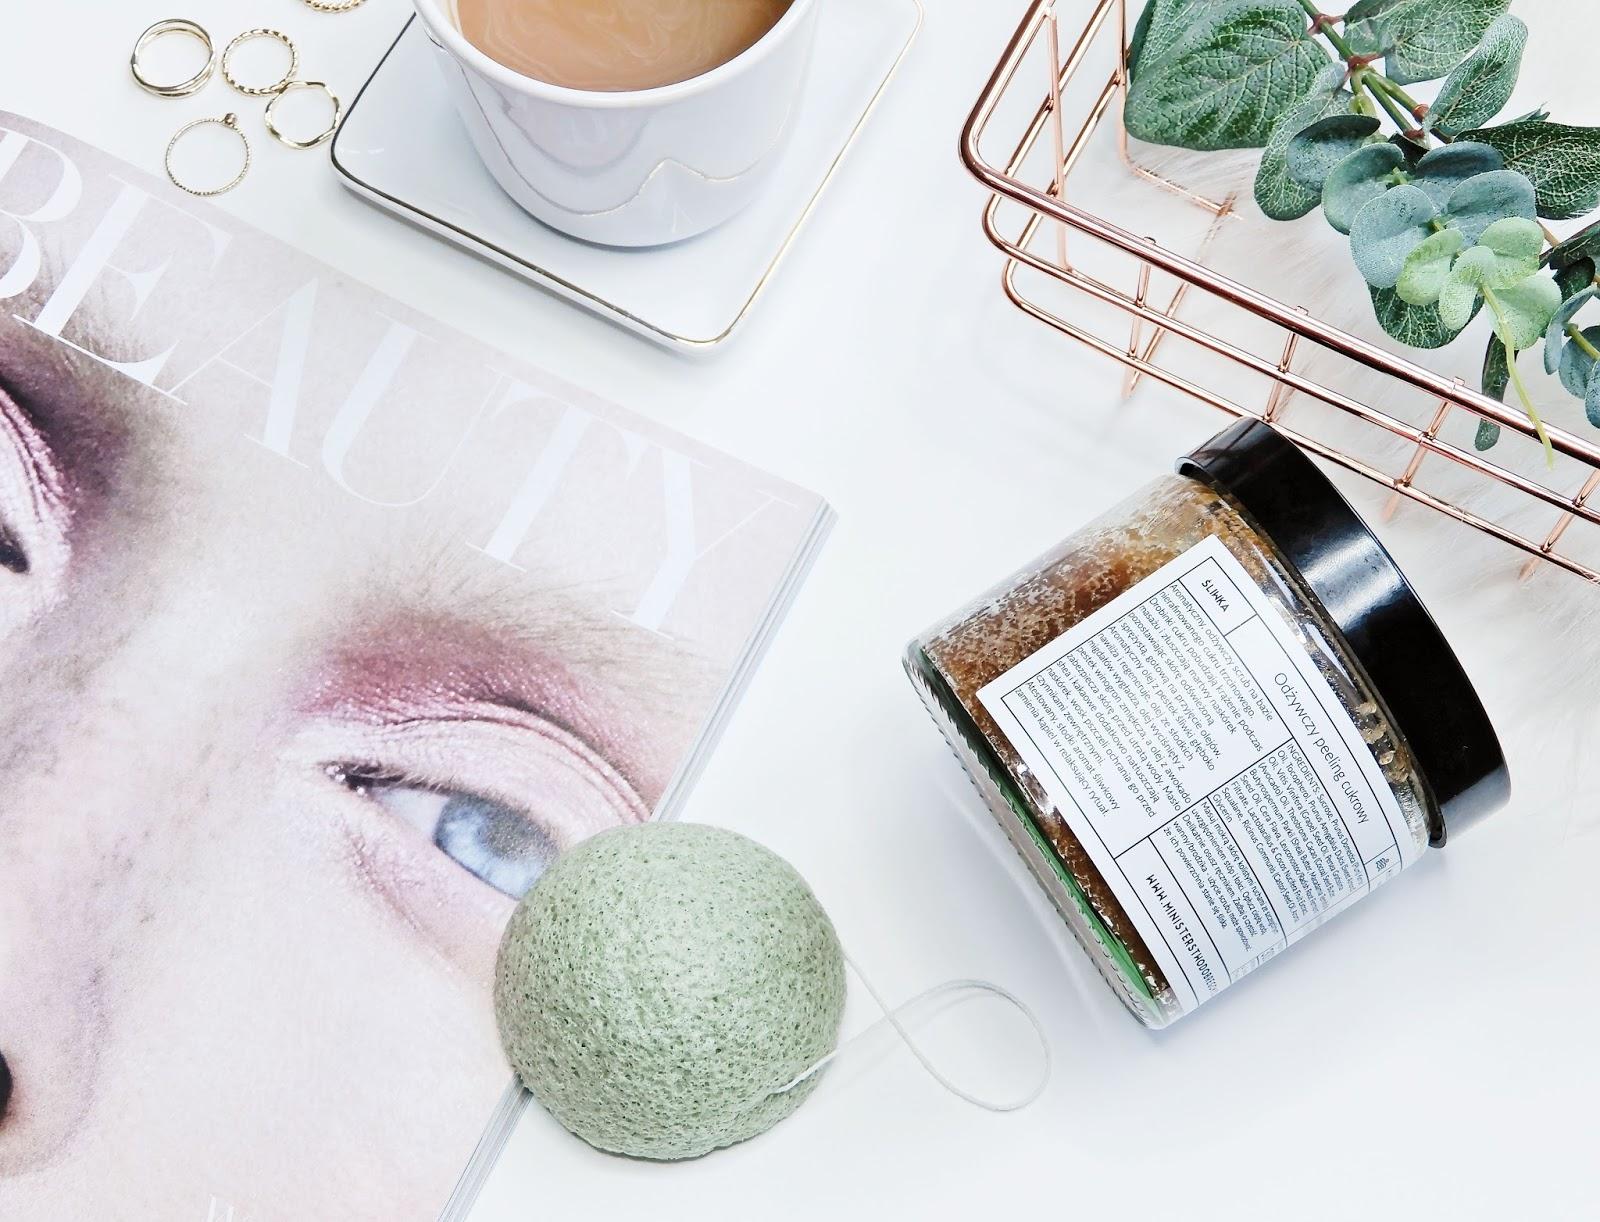 Ministerstwo Dobrego Mydła Odżywczy peeling cukrowy, Ebelin gąbka Konjac z zieloną herbatą,